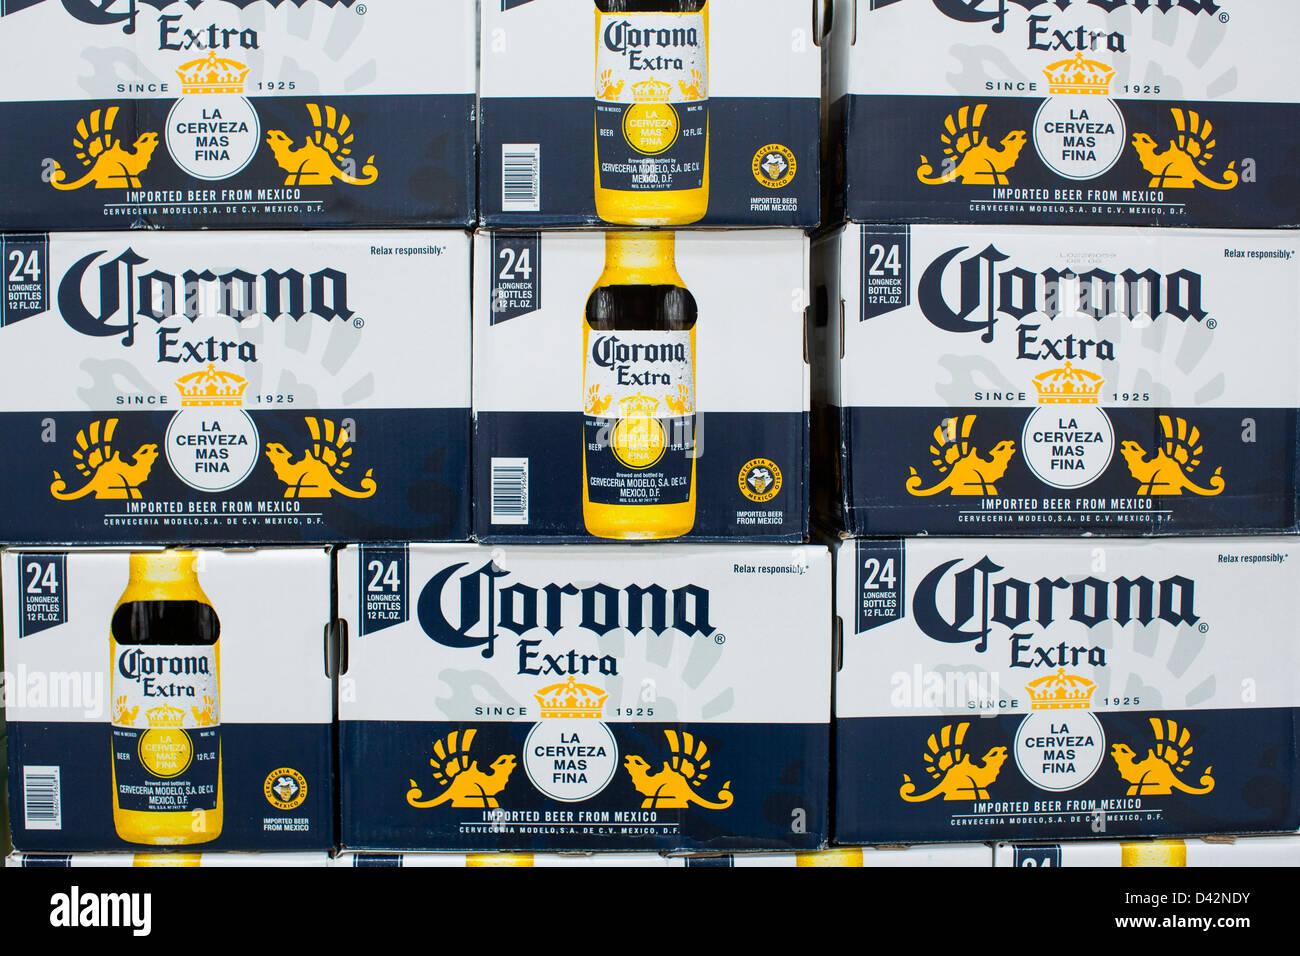 Birra corona sul visualizzatore in corrispondenza di un Costco Wholesale Club magazzino. Immagini Stock